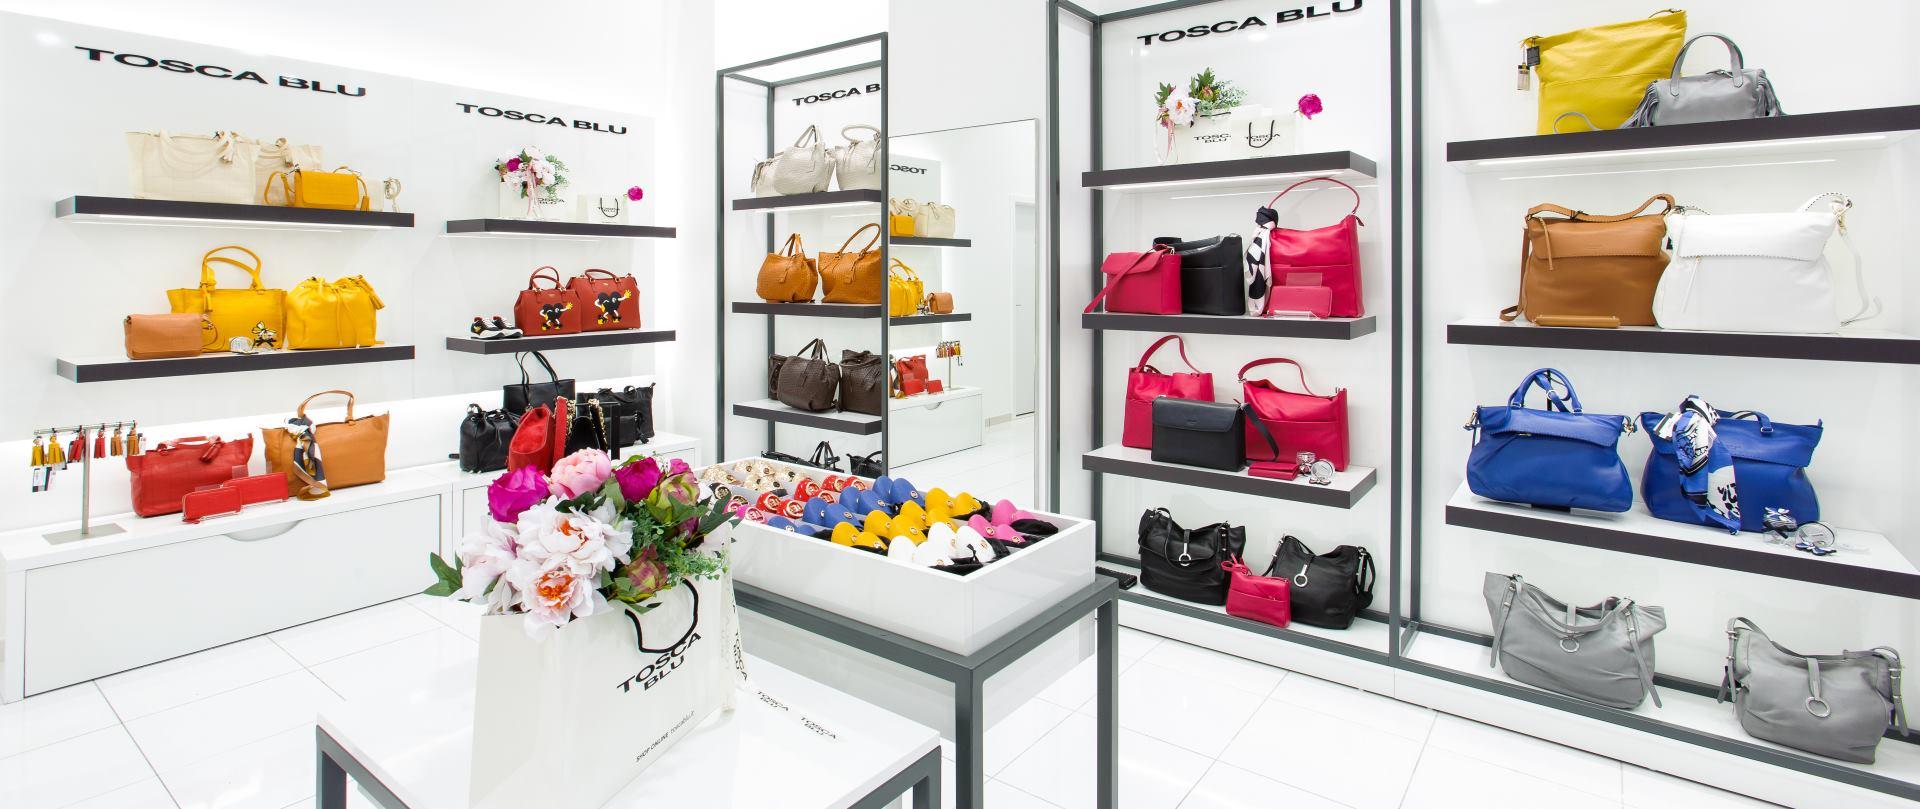 Obožavateljice talijanskog stila na otvorenjuTosca Blu trgovine u Gradu Splitu